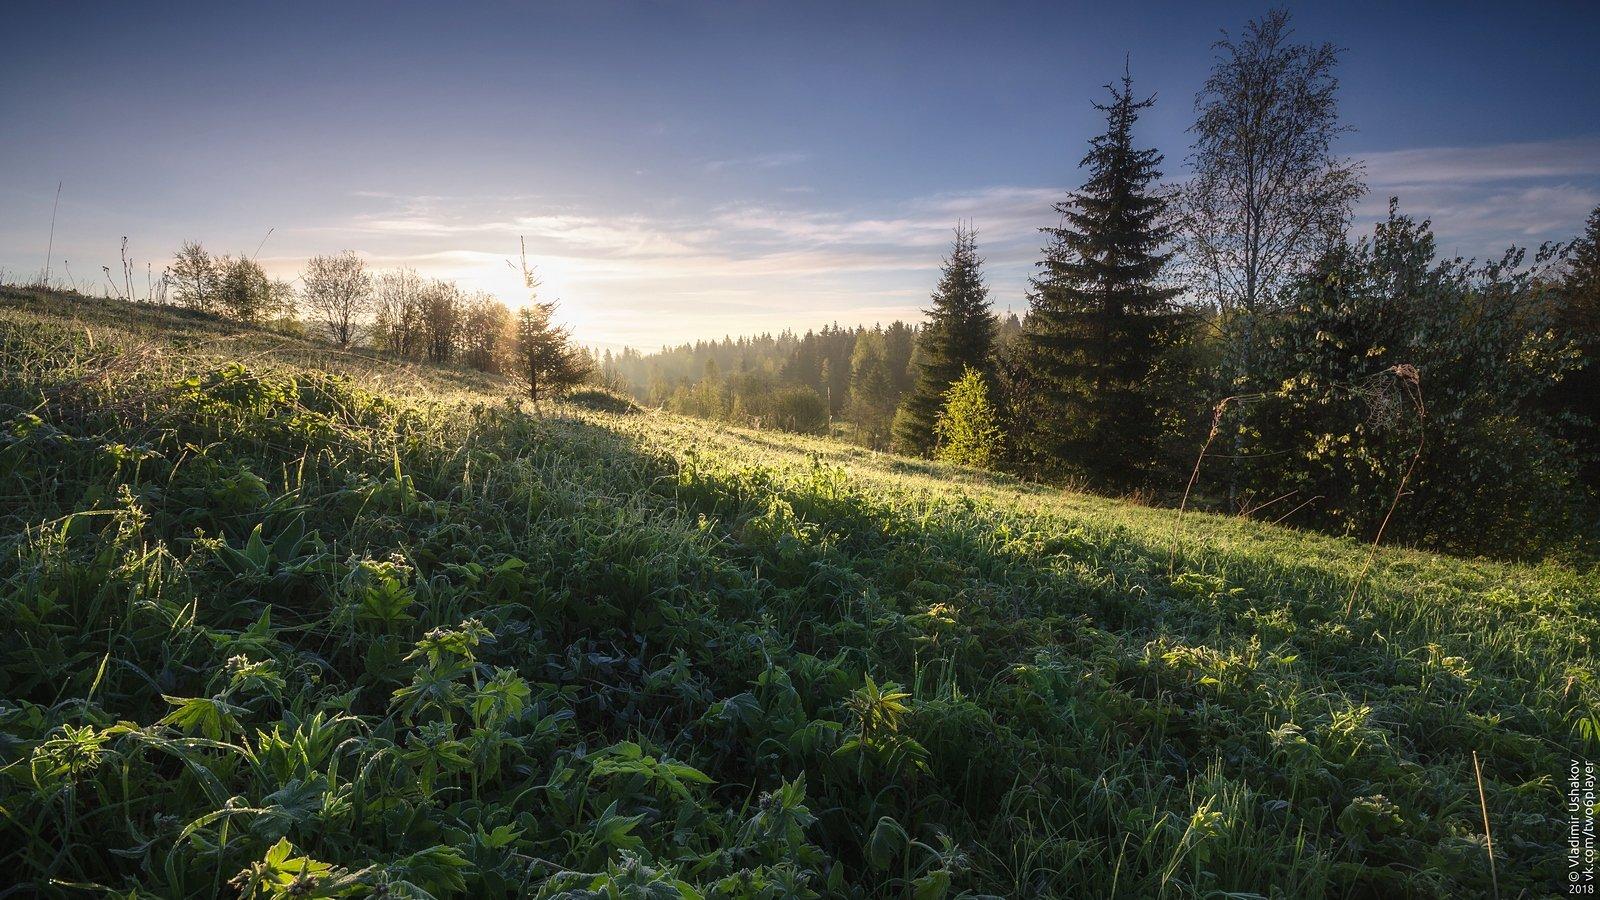 утро, рассвет, иней, поле, холм, солнце, сибирь, пермский край, Владимир Ушаков